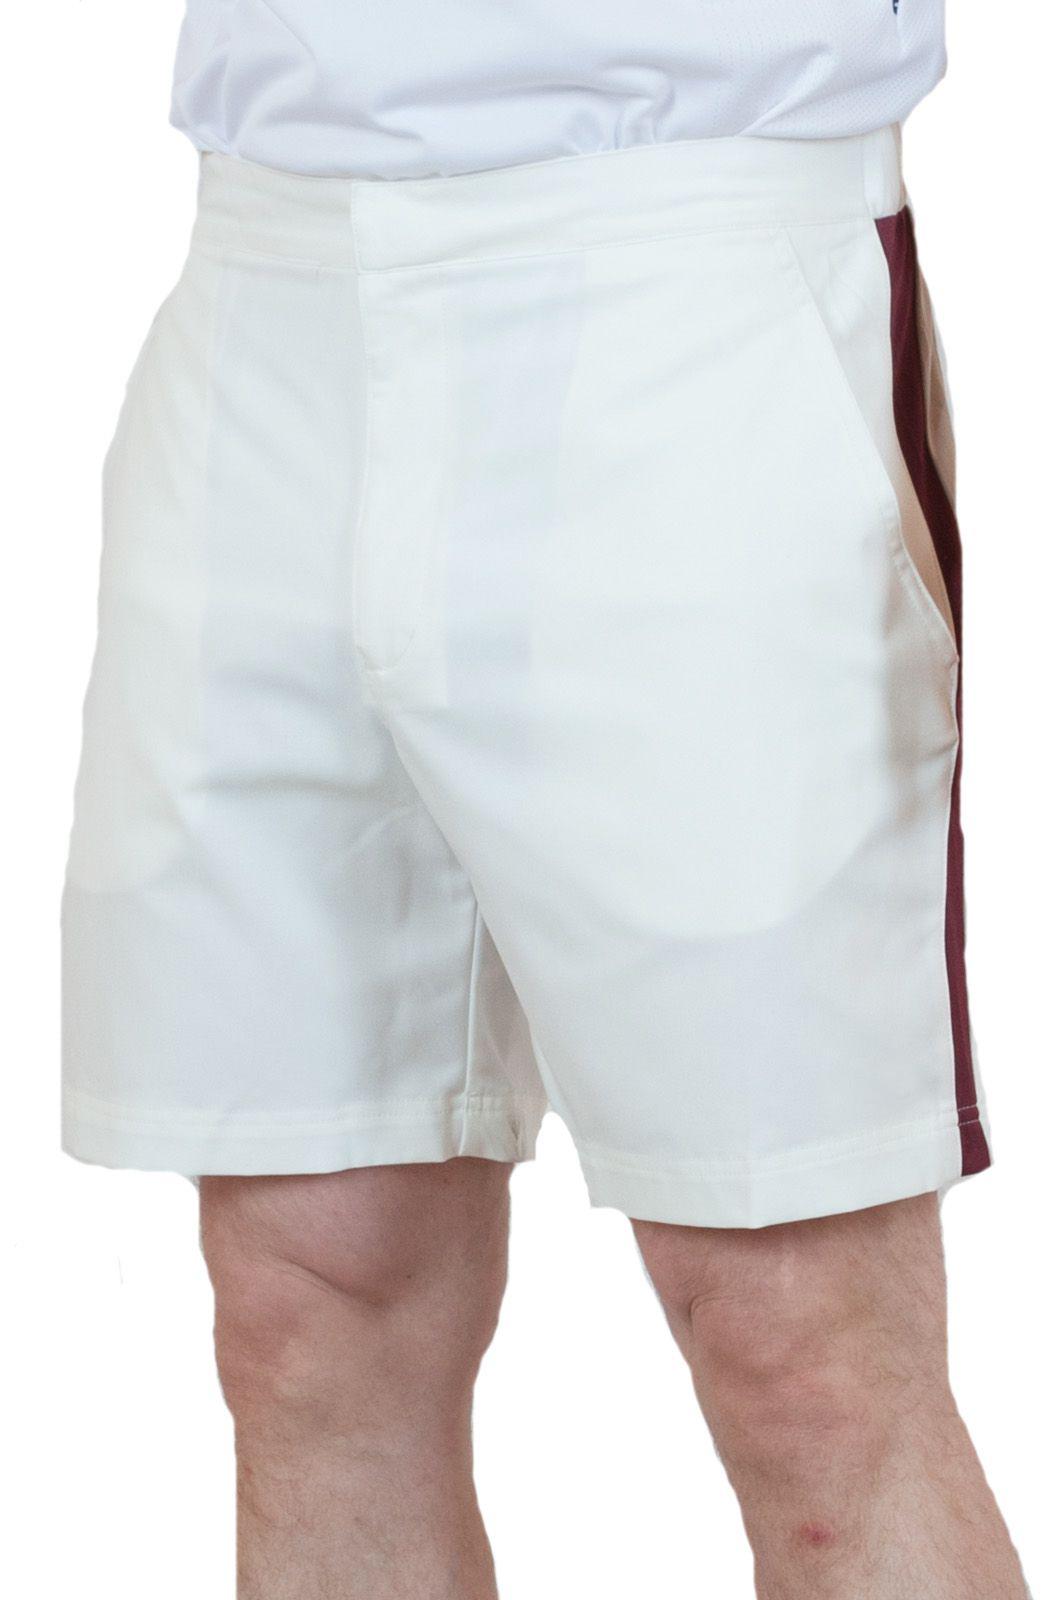 Мужские теннисные шорты белого цвета